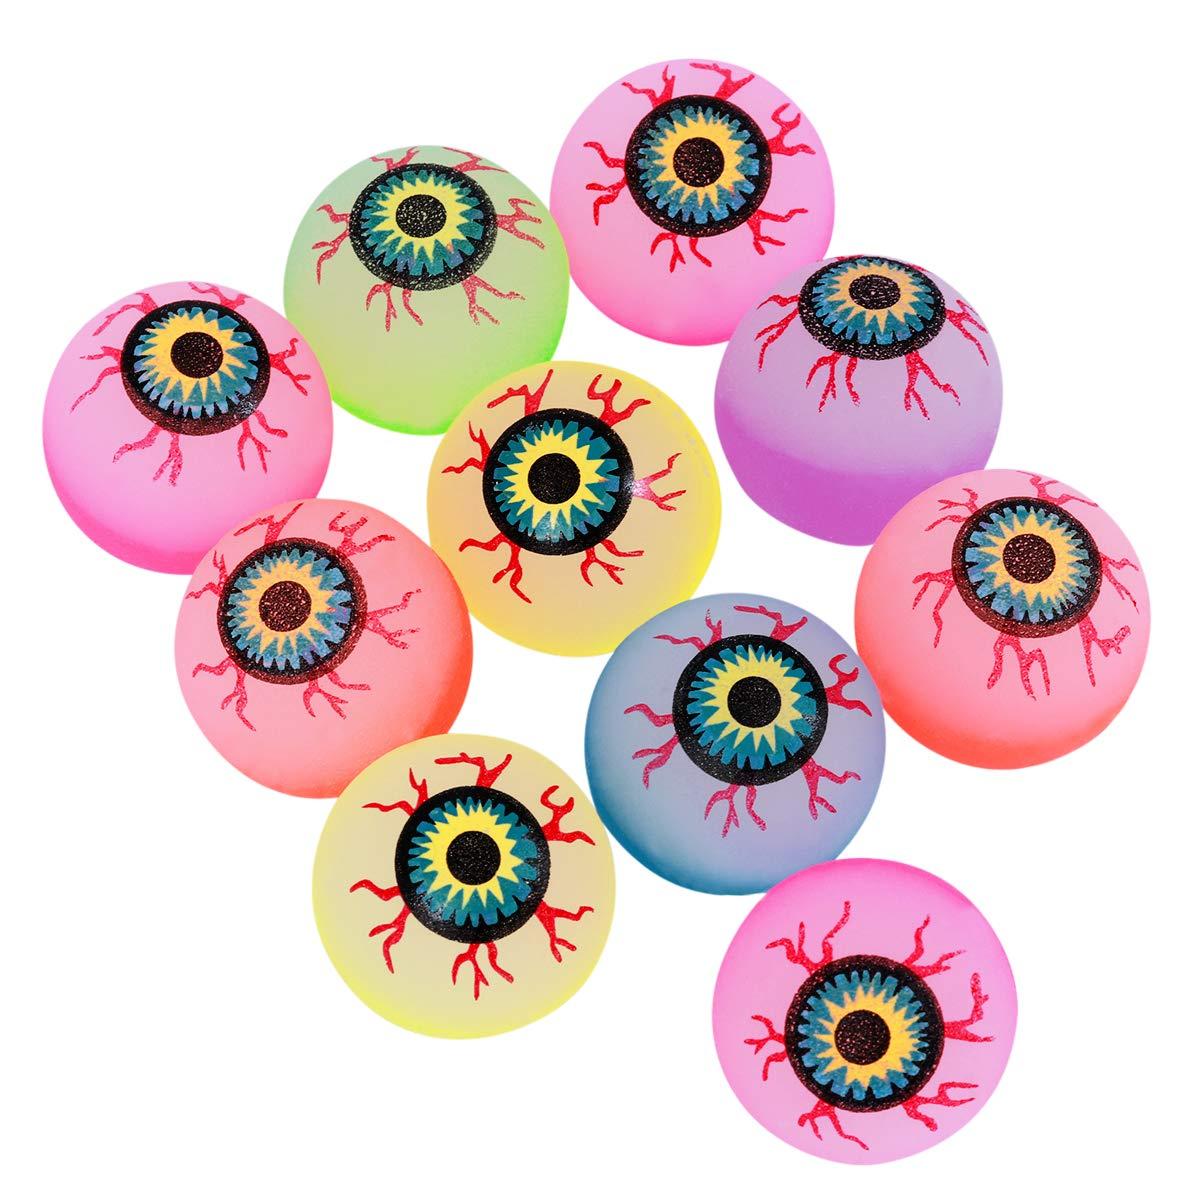 Toyvian Pallina rimbalzante Luminosa e con suonia Forma di Occhio 10pcs (Colore Casuale)